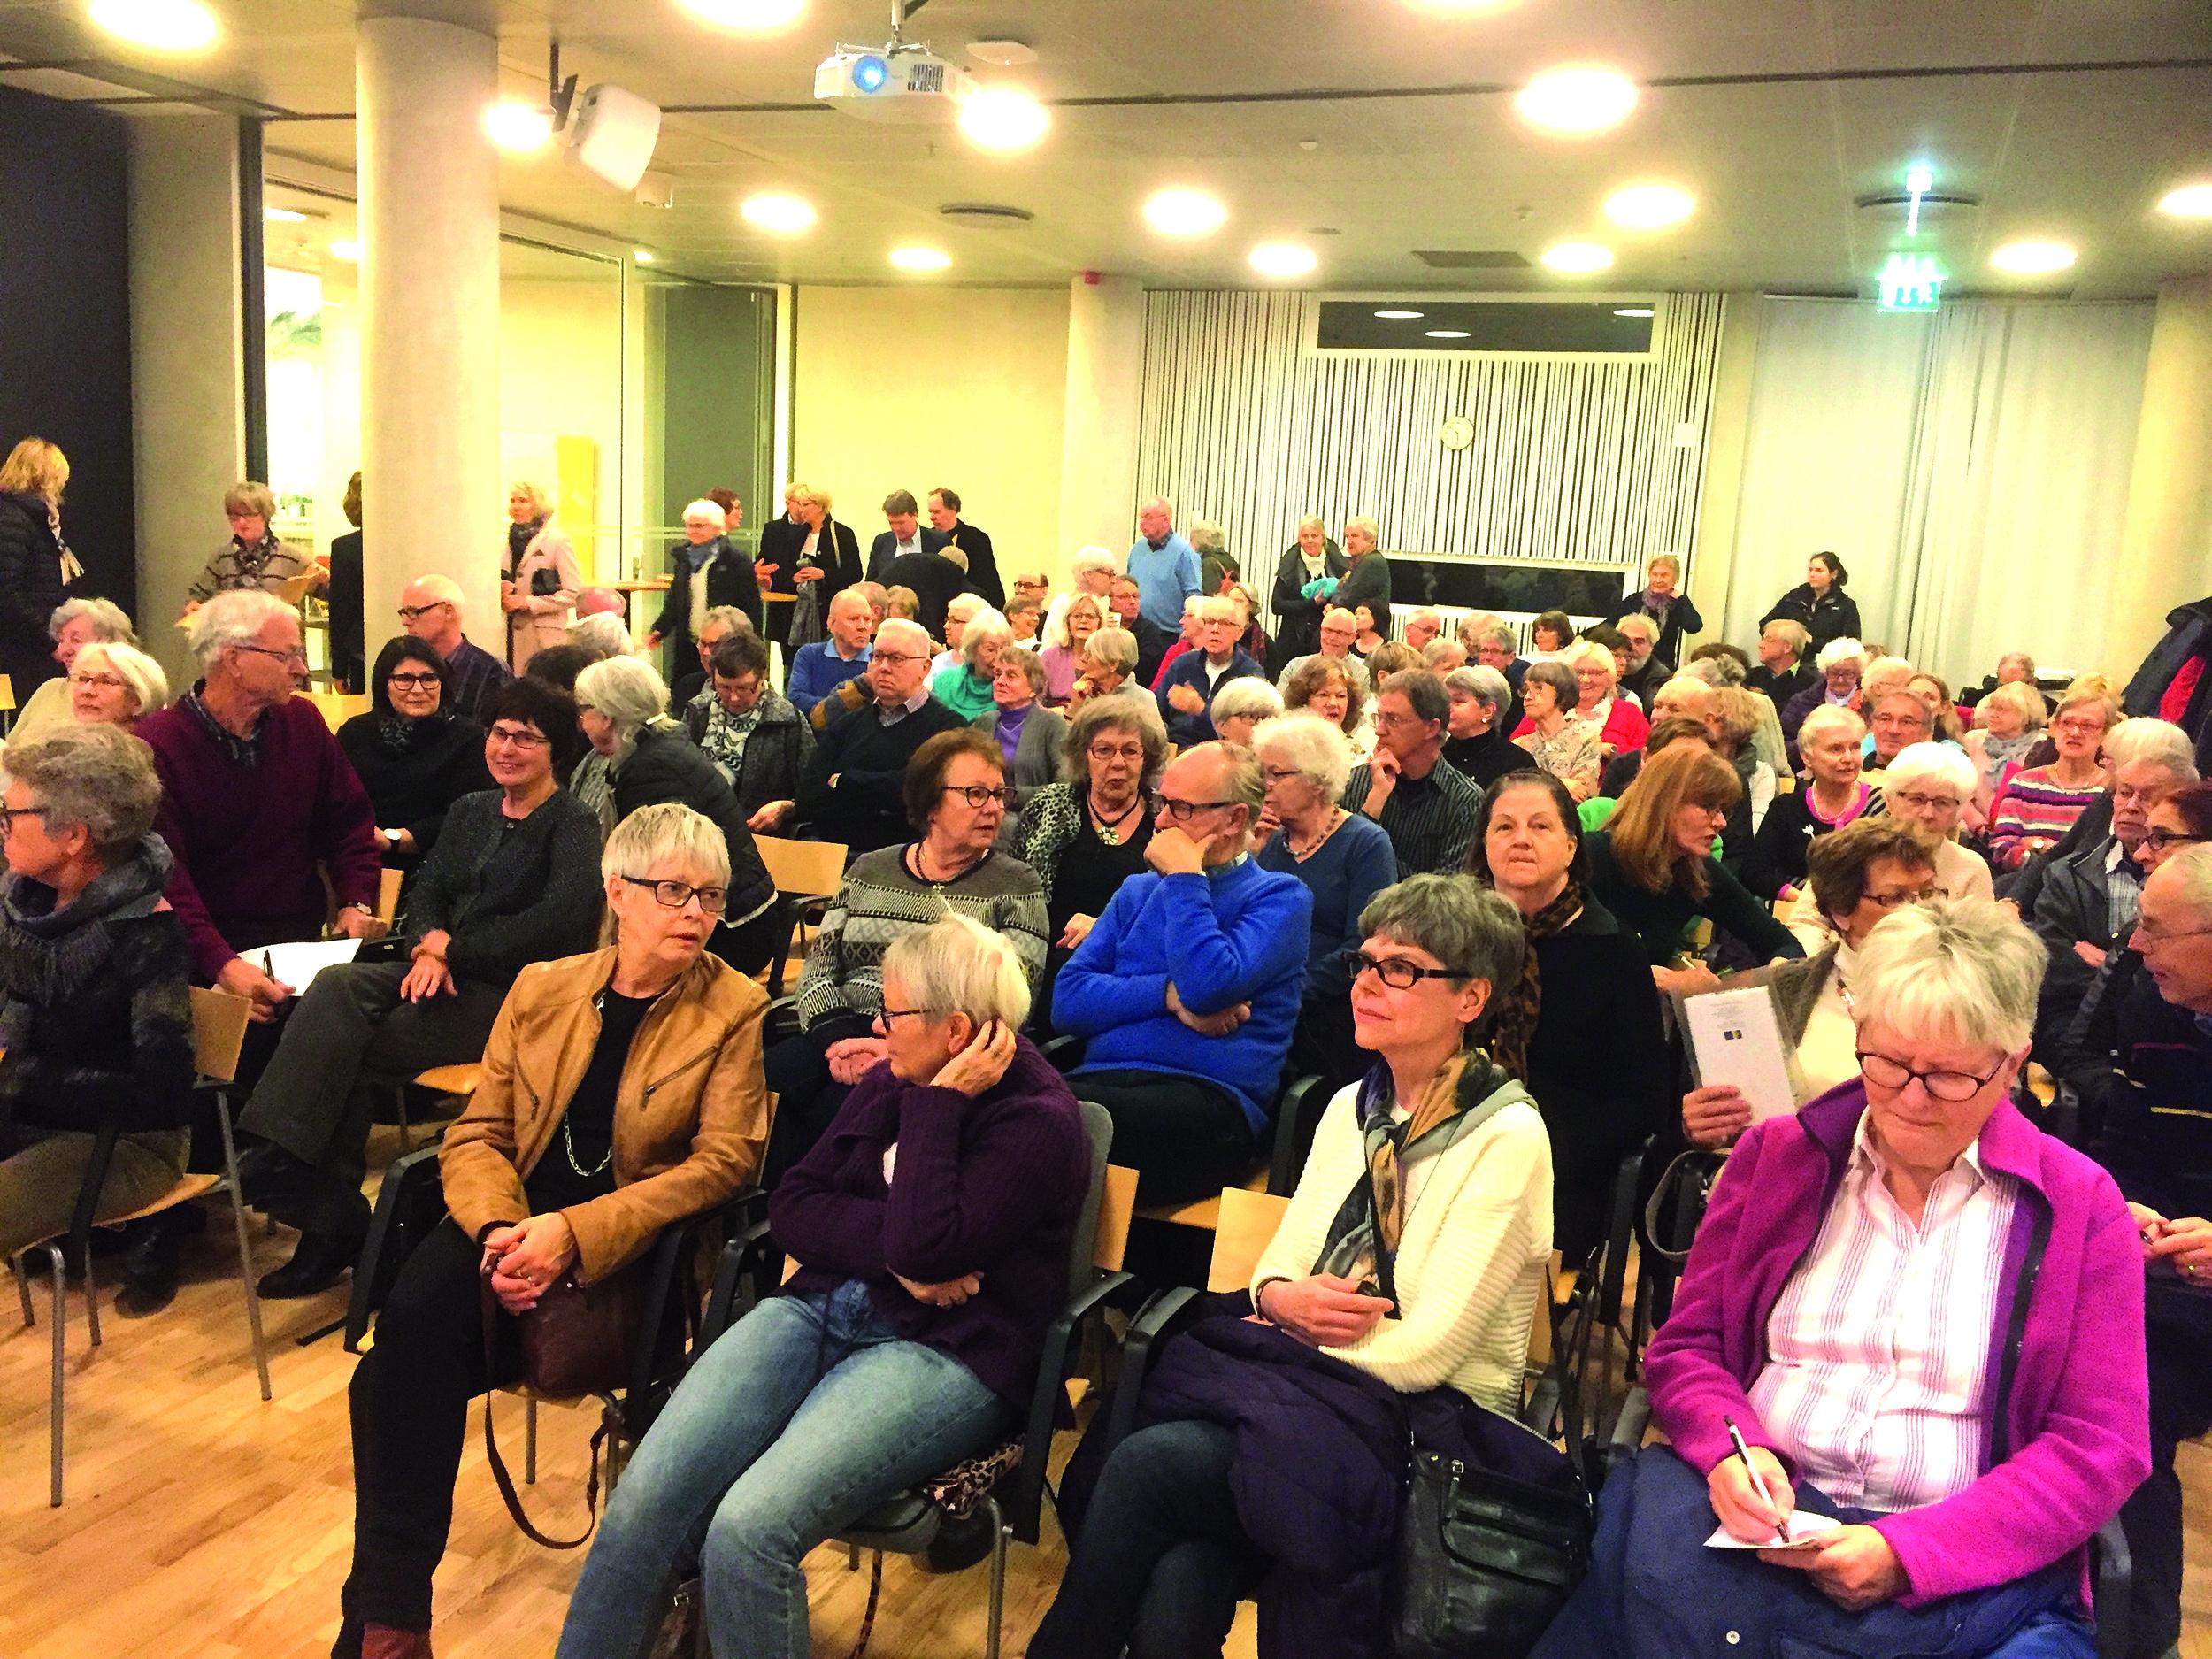 En måndagskväll mars 2016 kom över 160 personer till ett informationsmöte ordnat av föreningen Växjö Bogemenskap (foto Kerstin Kärnekull).